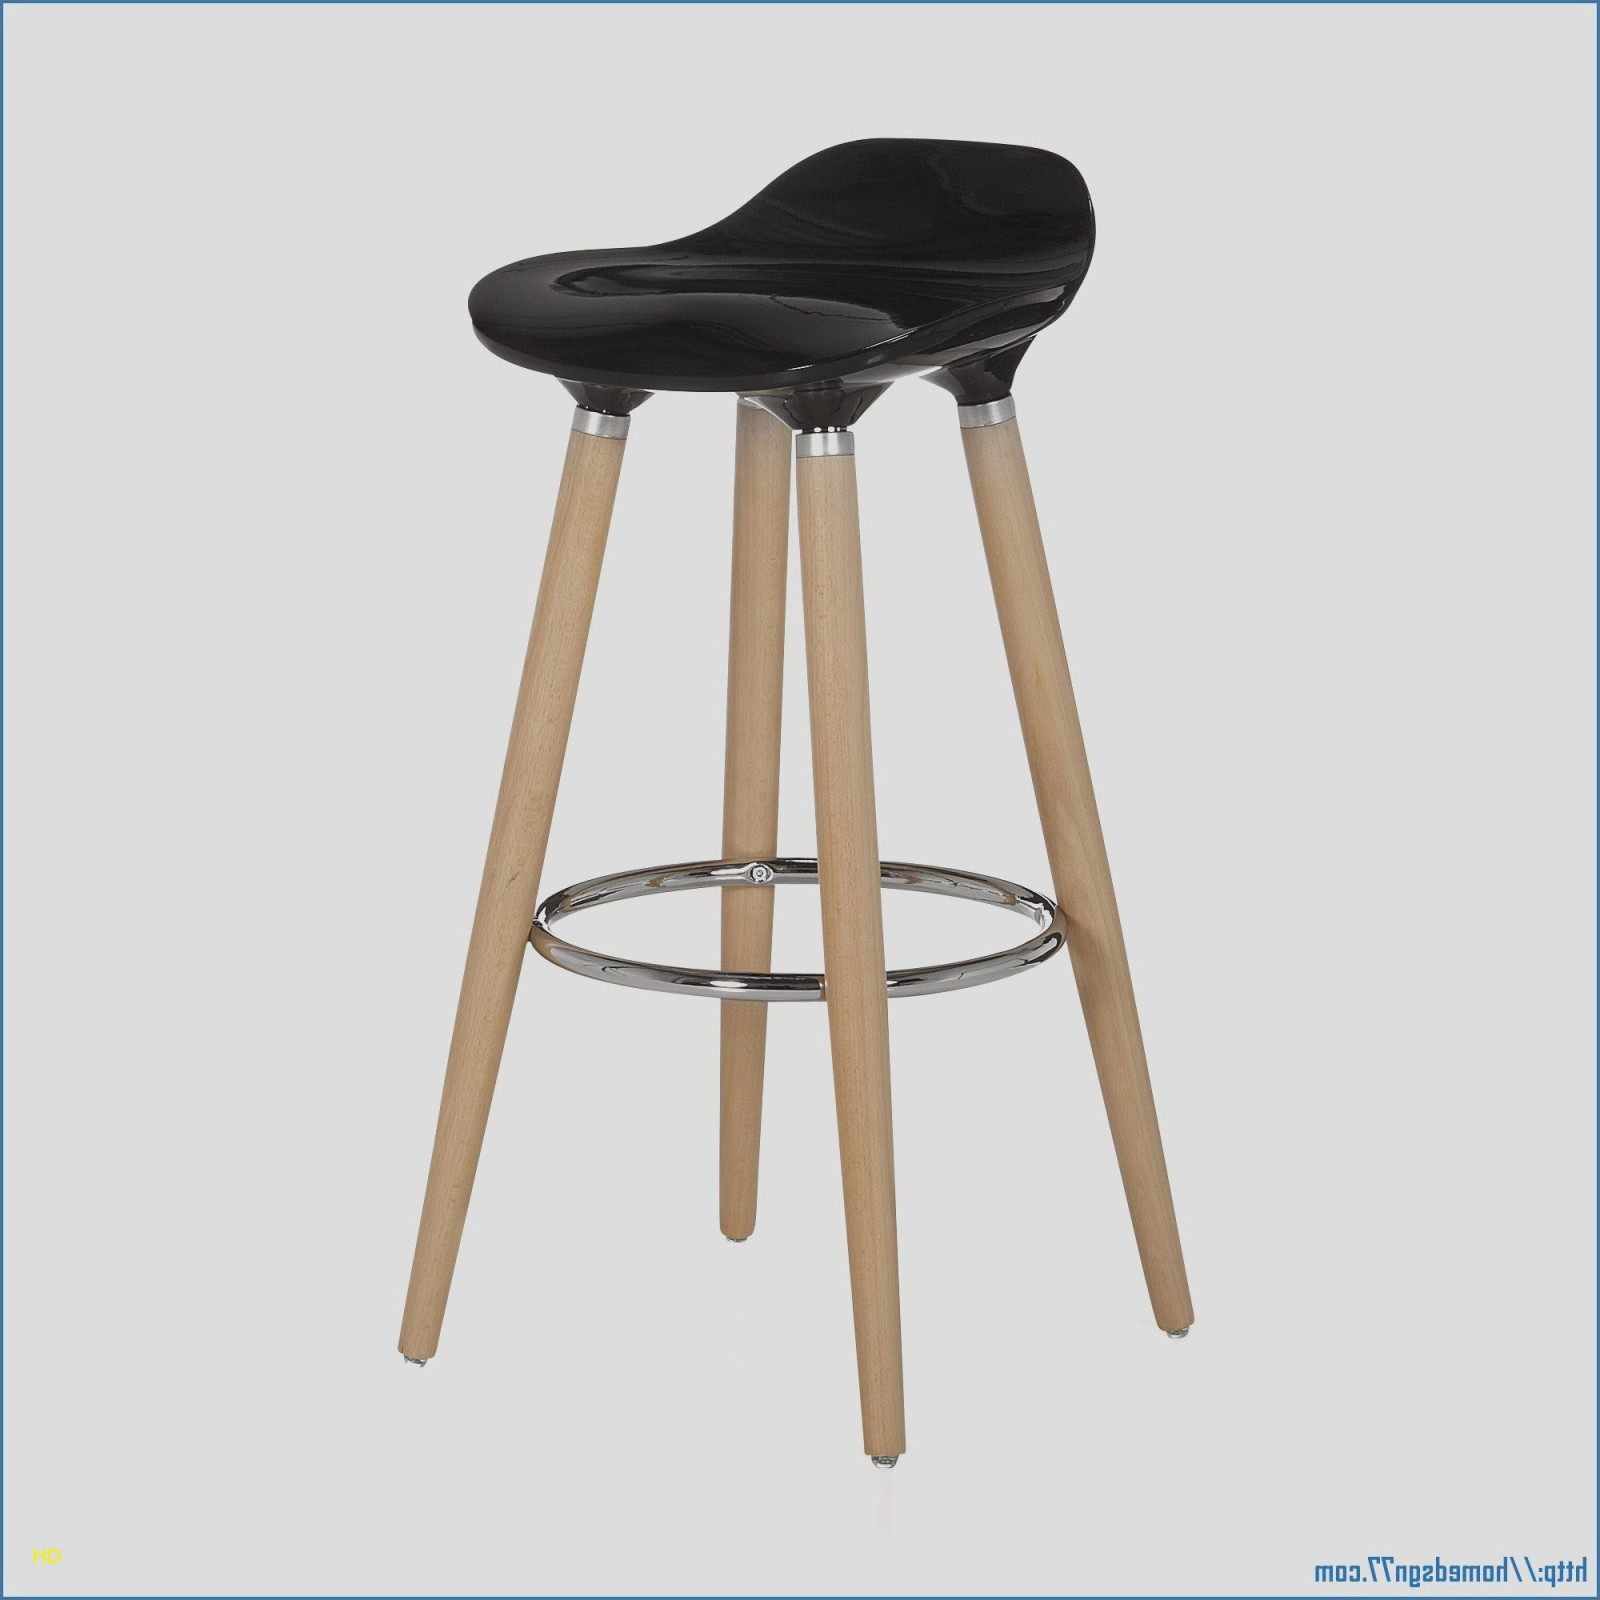 Lit Bebe Avec Table A Langer De Luxe Table A Langer Avec Baignoire Bebe 9 Minimaliste Table Langer Pour